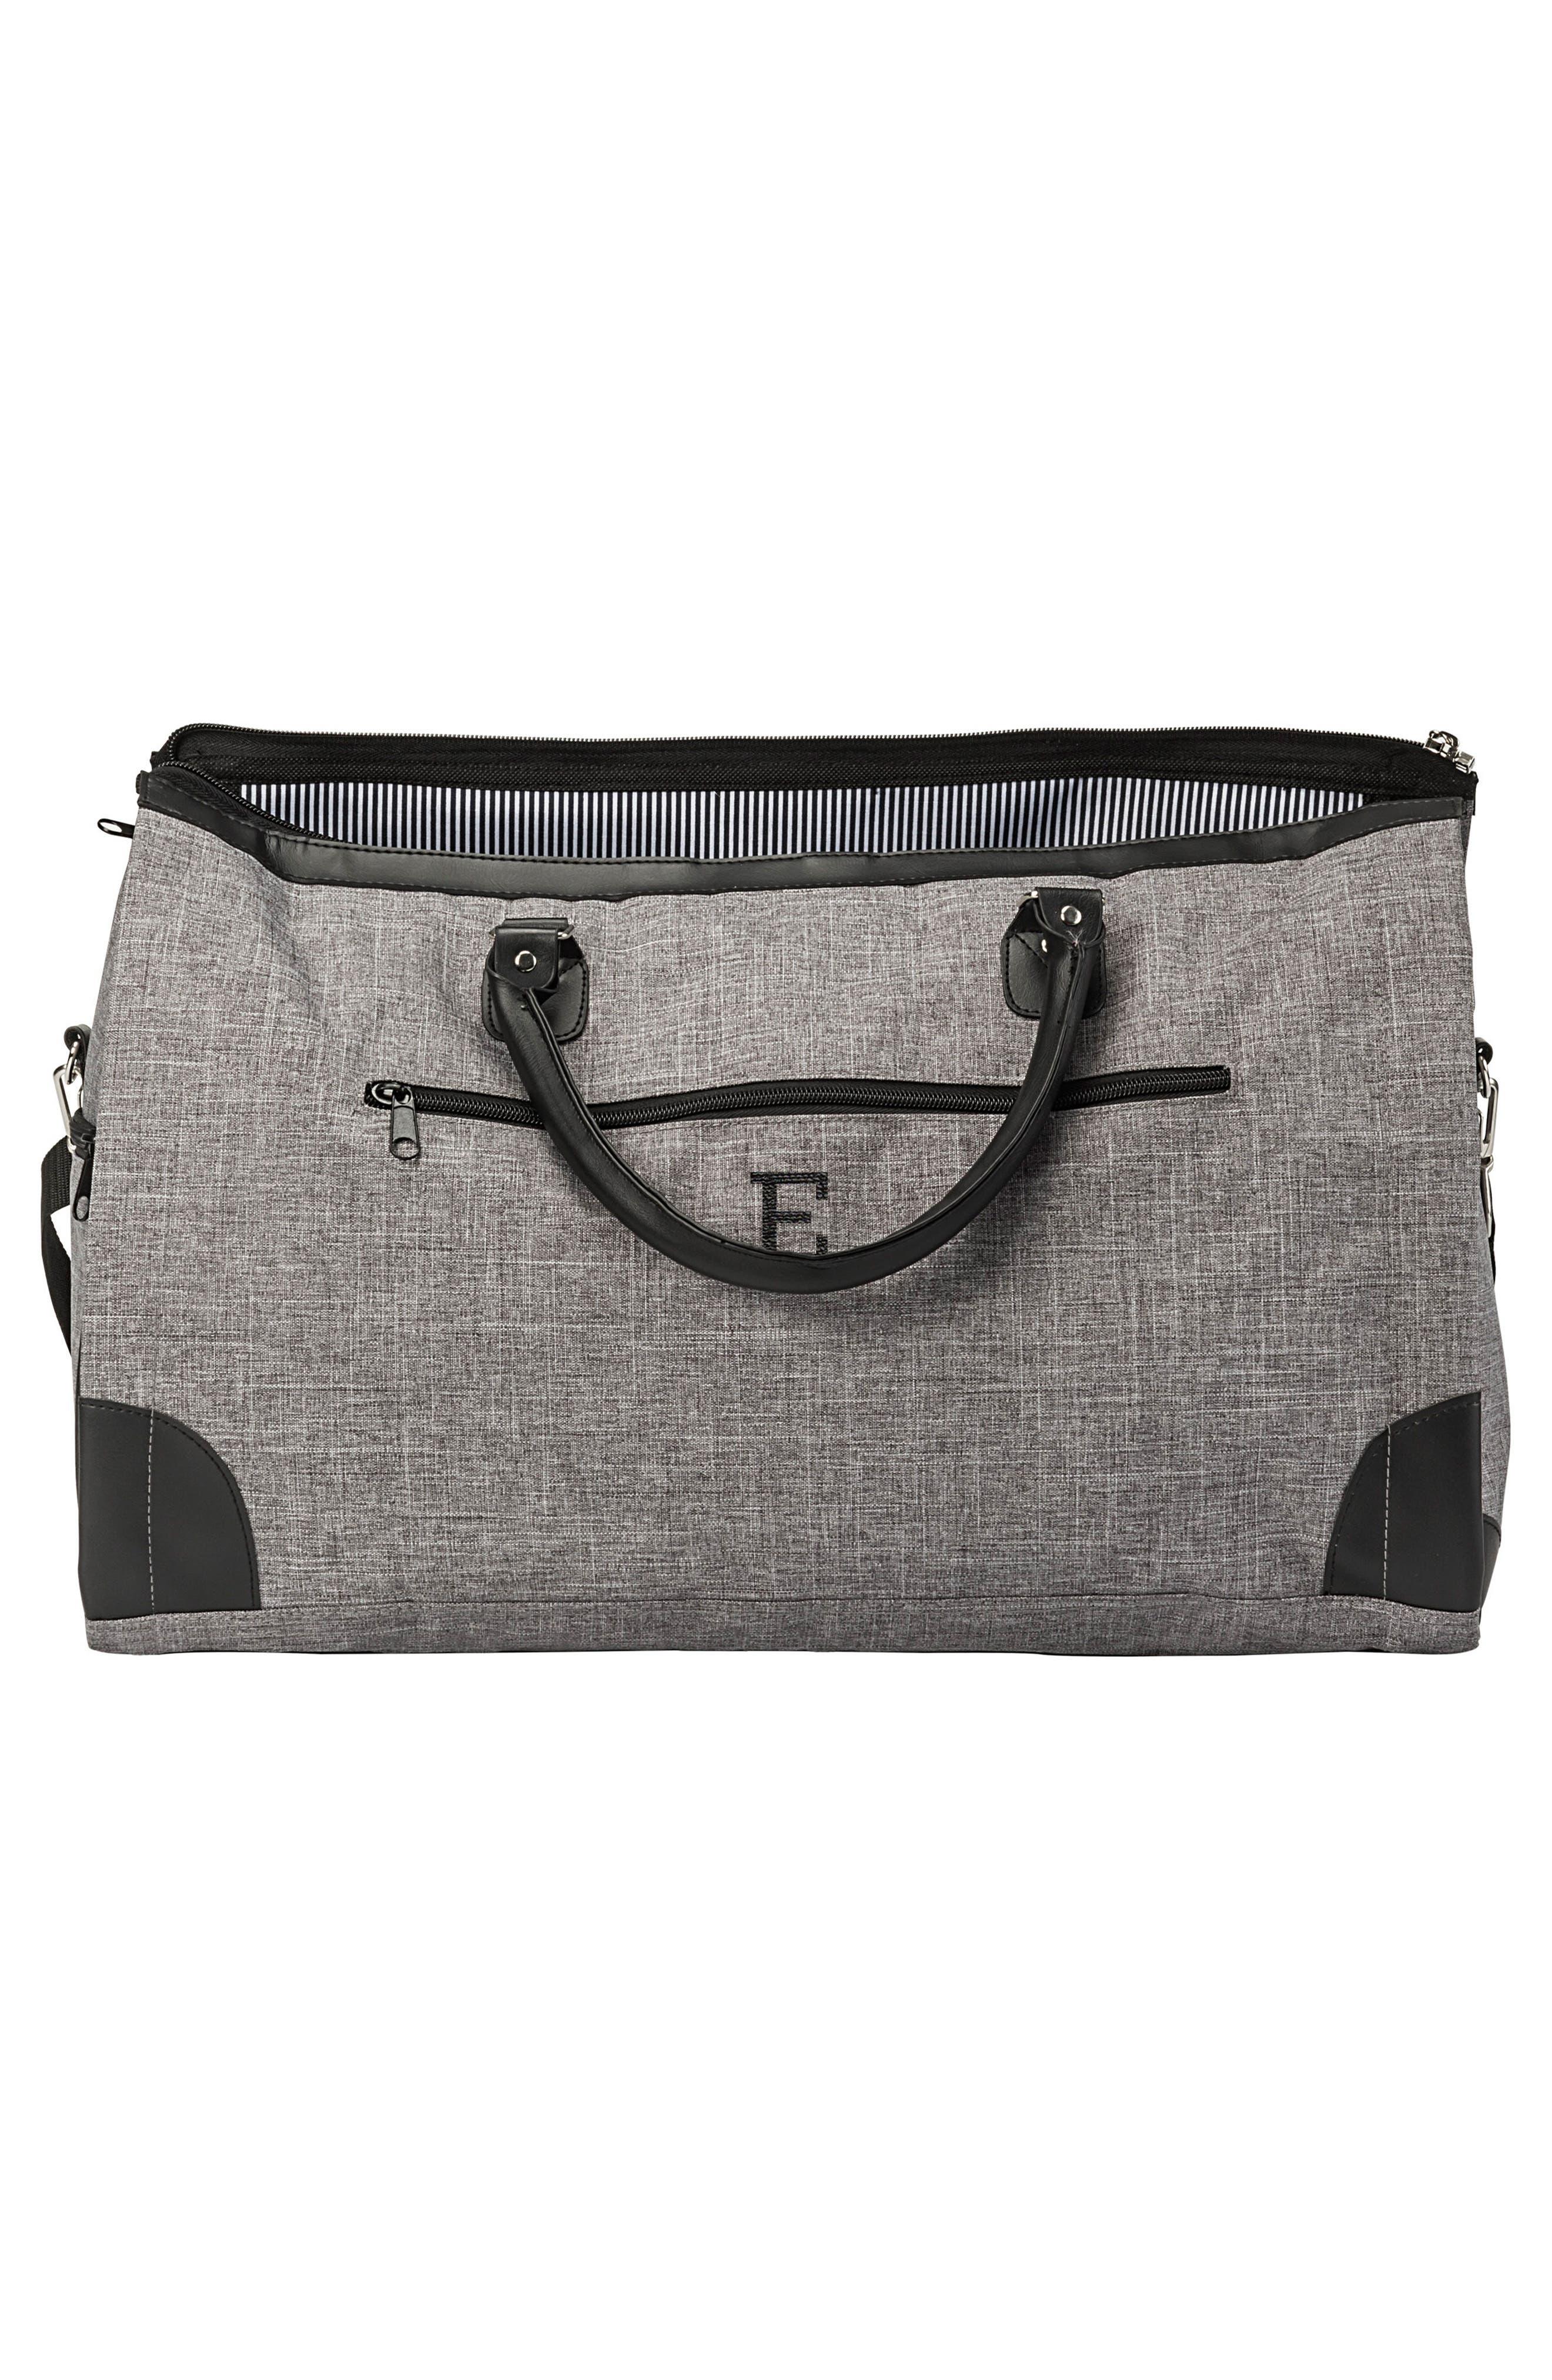 Monogram Duffel/Garment Bag,                             Alternate thumbnail 7, color,                             GREY A